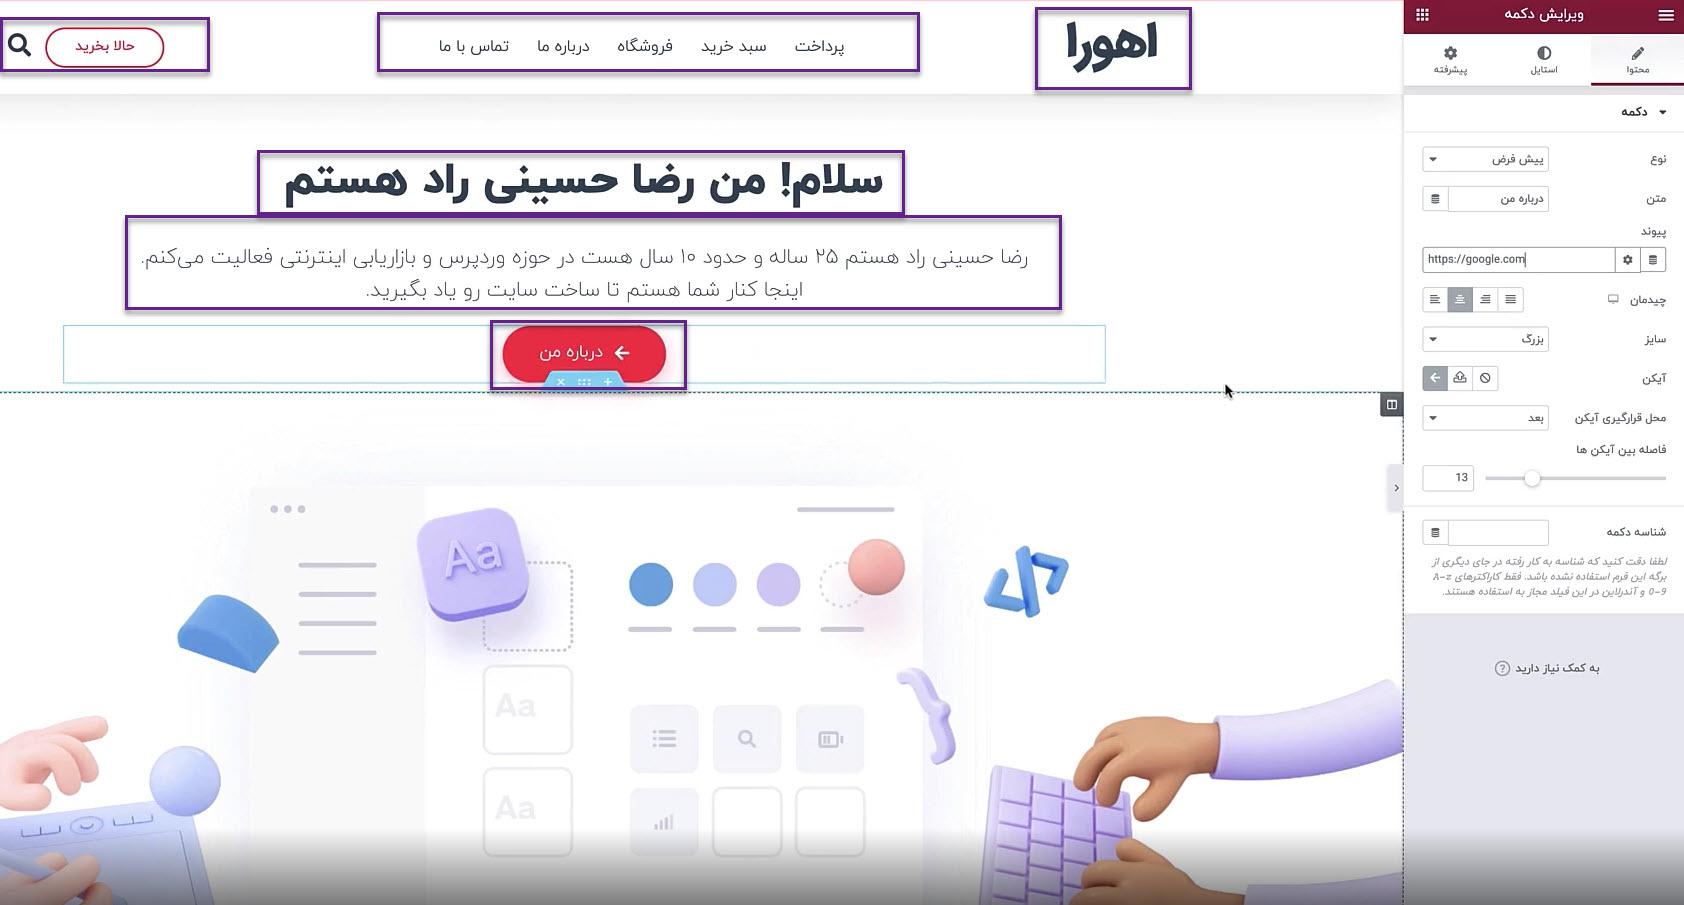 ویرایش المانهای صفحه اصلی وبسایت